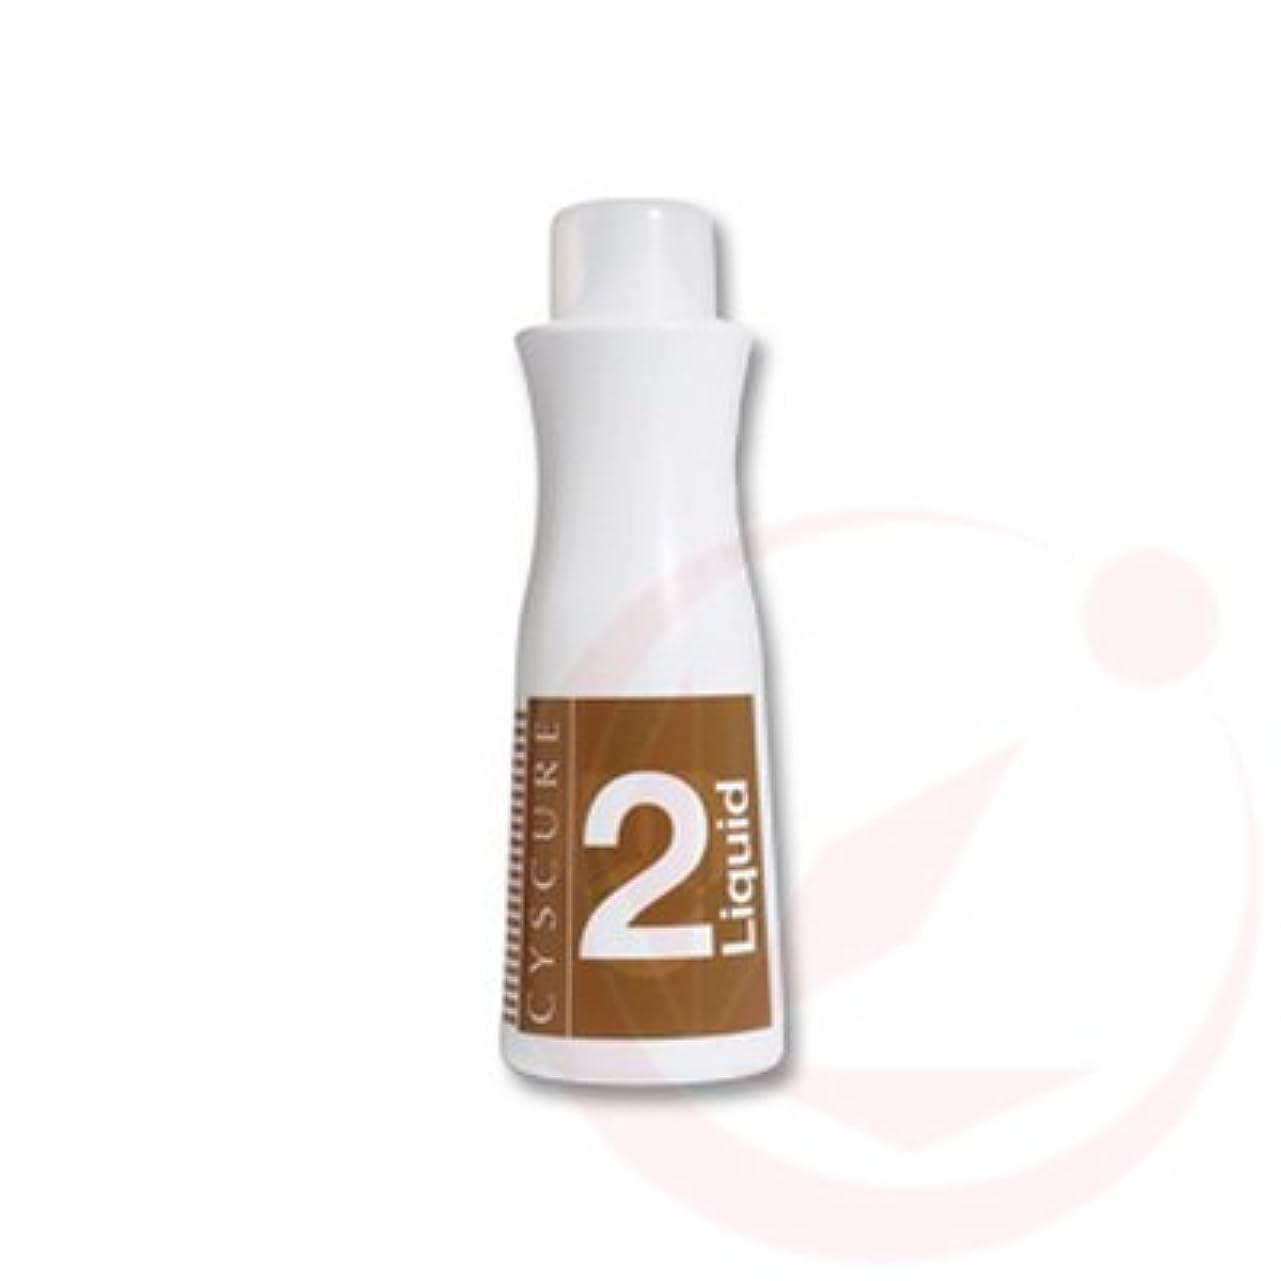 意見おとなしい頑丈タマリス シスキュア2リキッド 1000g (パーマ剤/2剤)